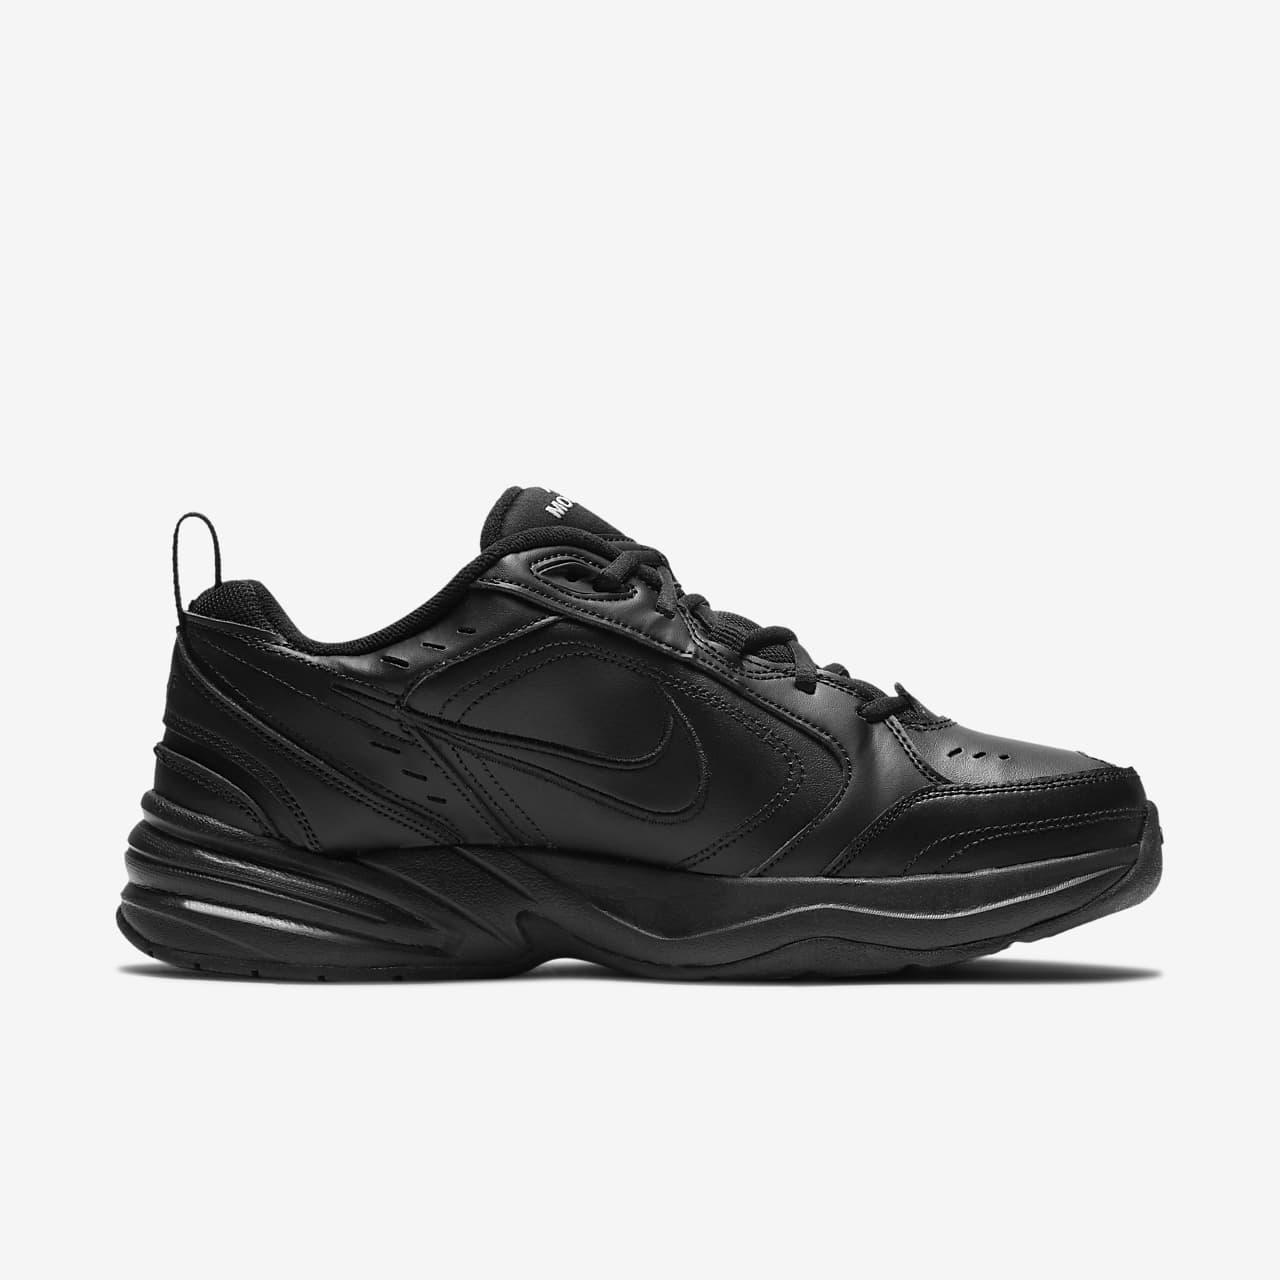 hot sale online 4998b db19e Chaussure de fitness et lifestyle. Nike Air Monarch IV